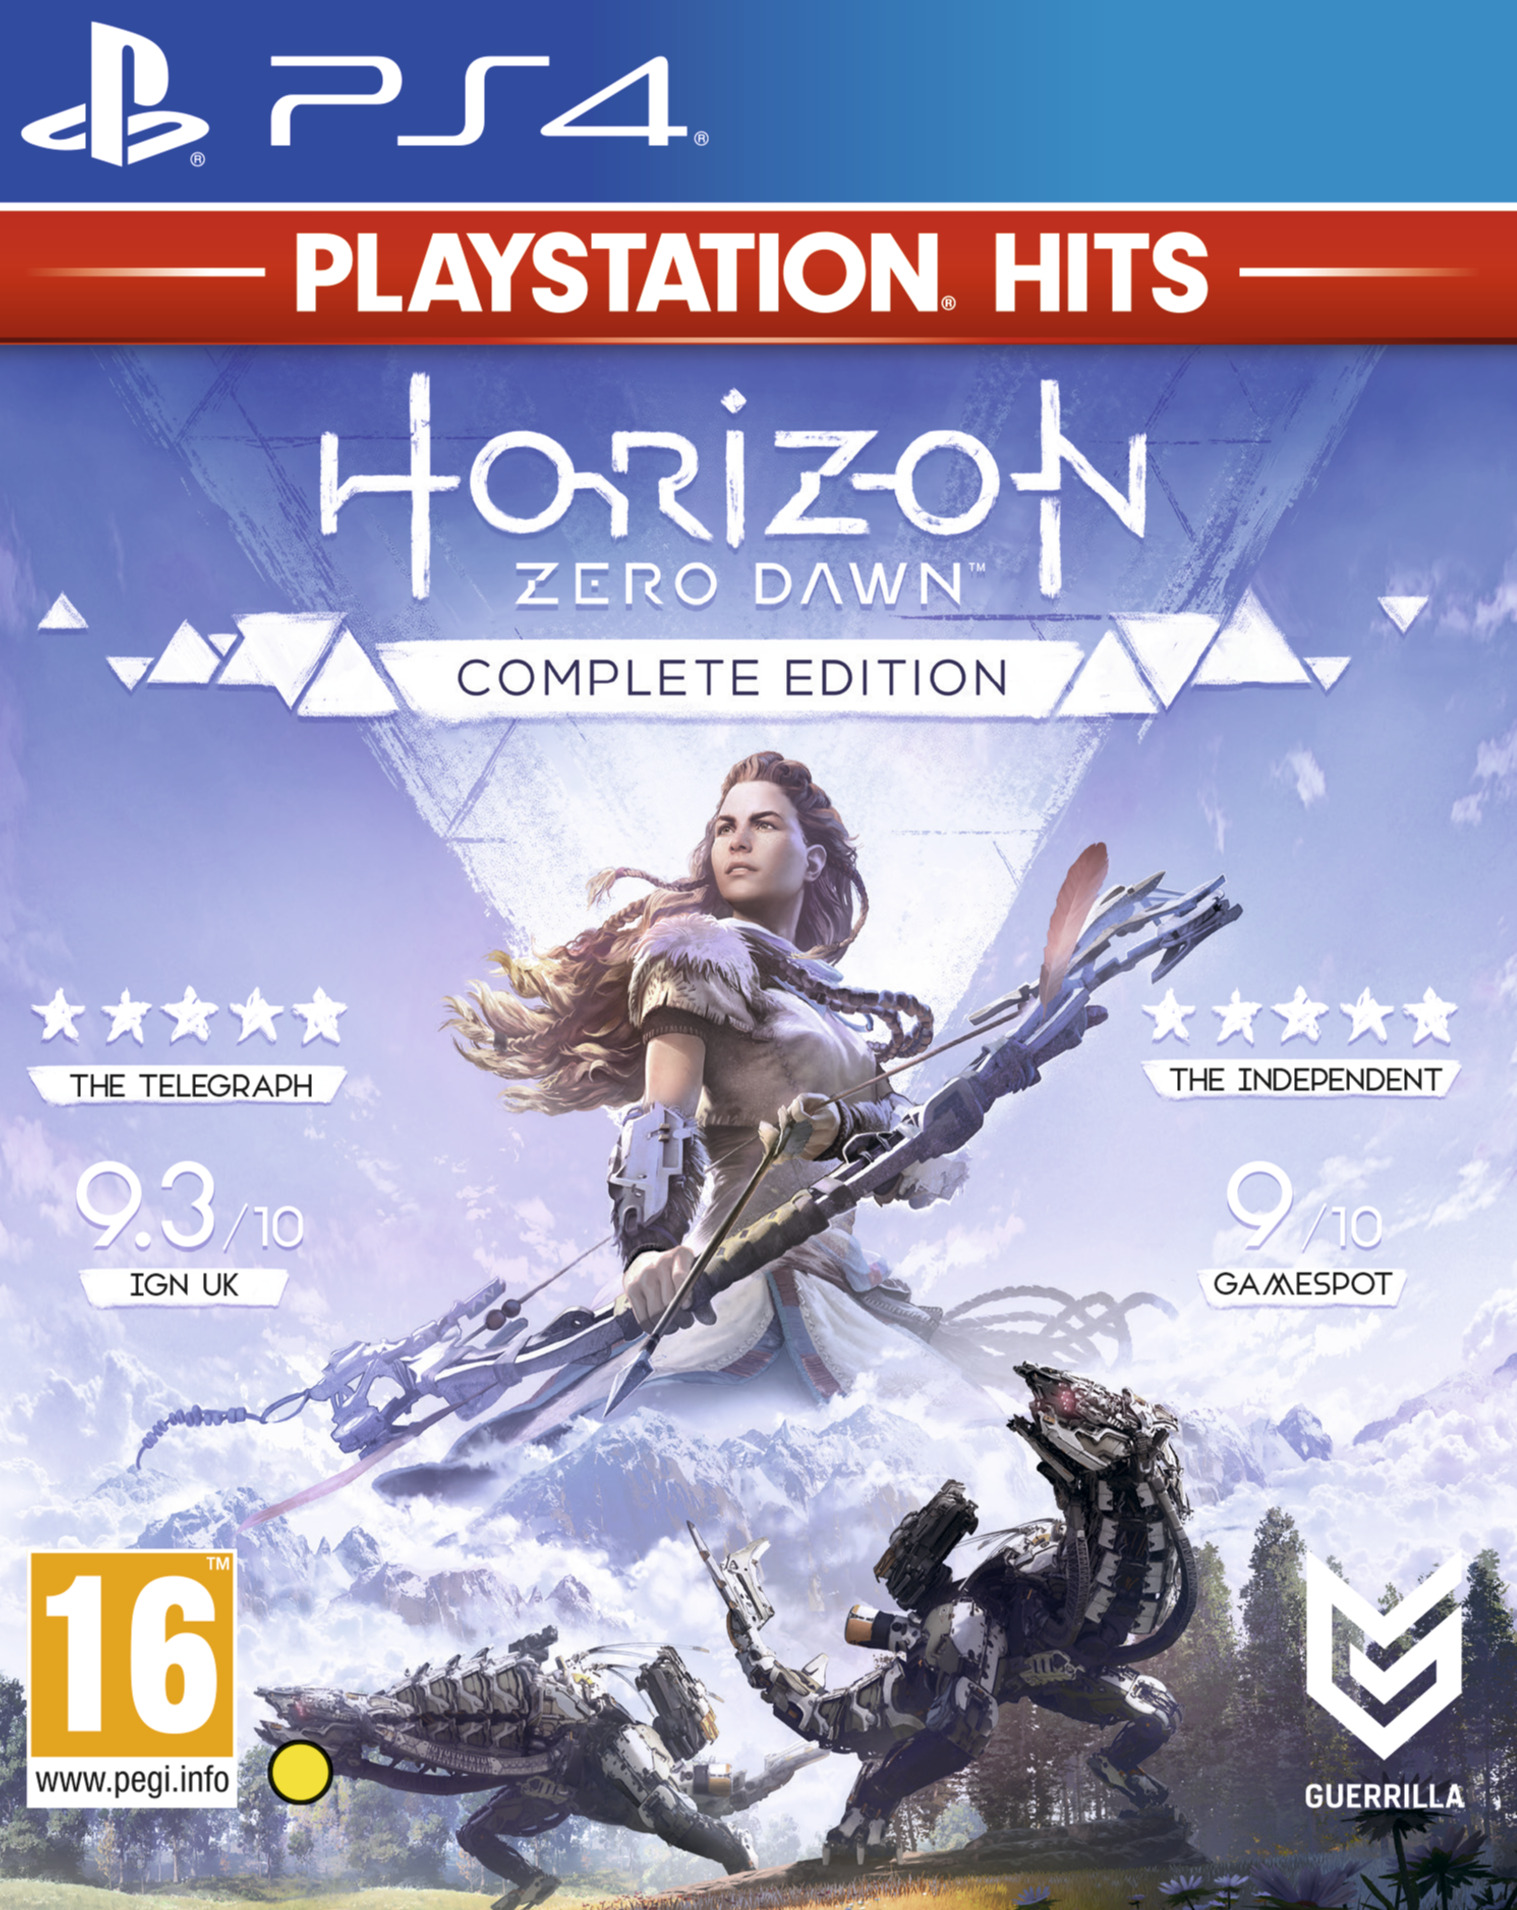 Horizon: Zero Dawn - Complete Edition (PS4)